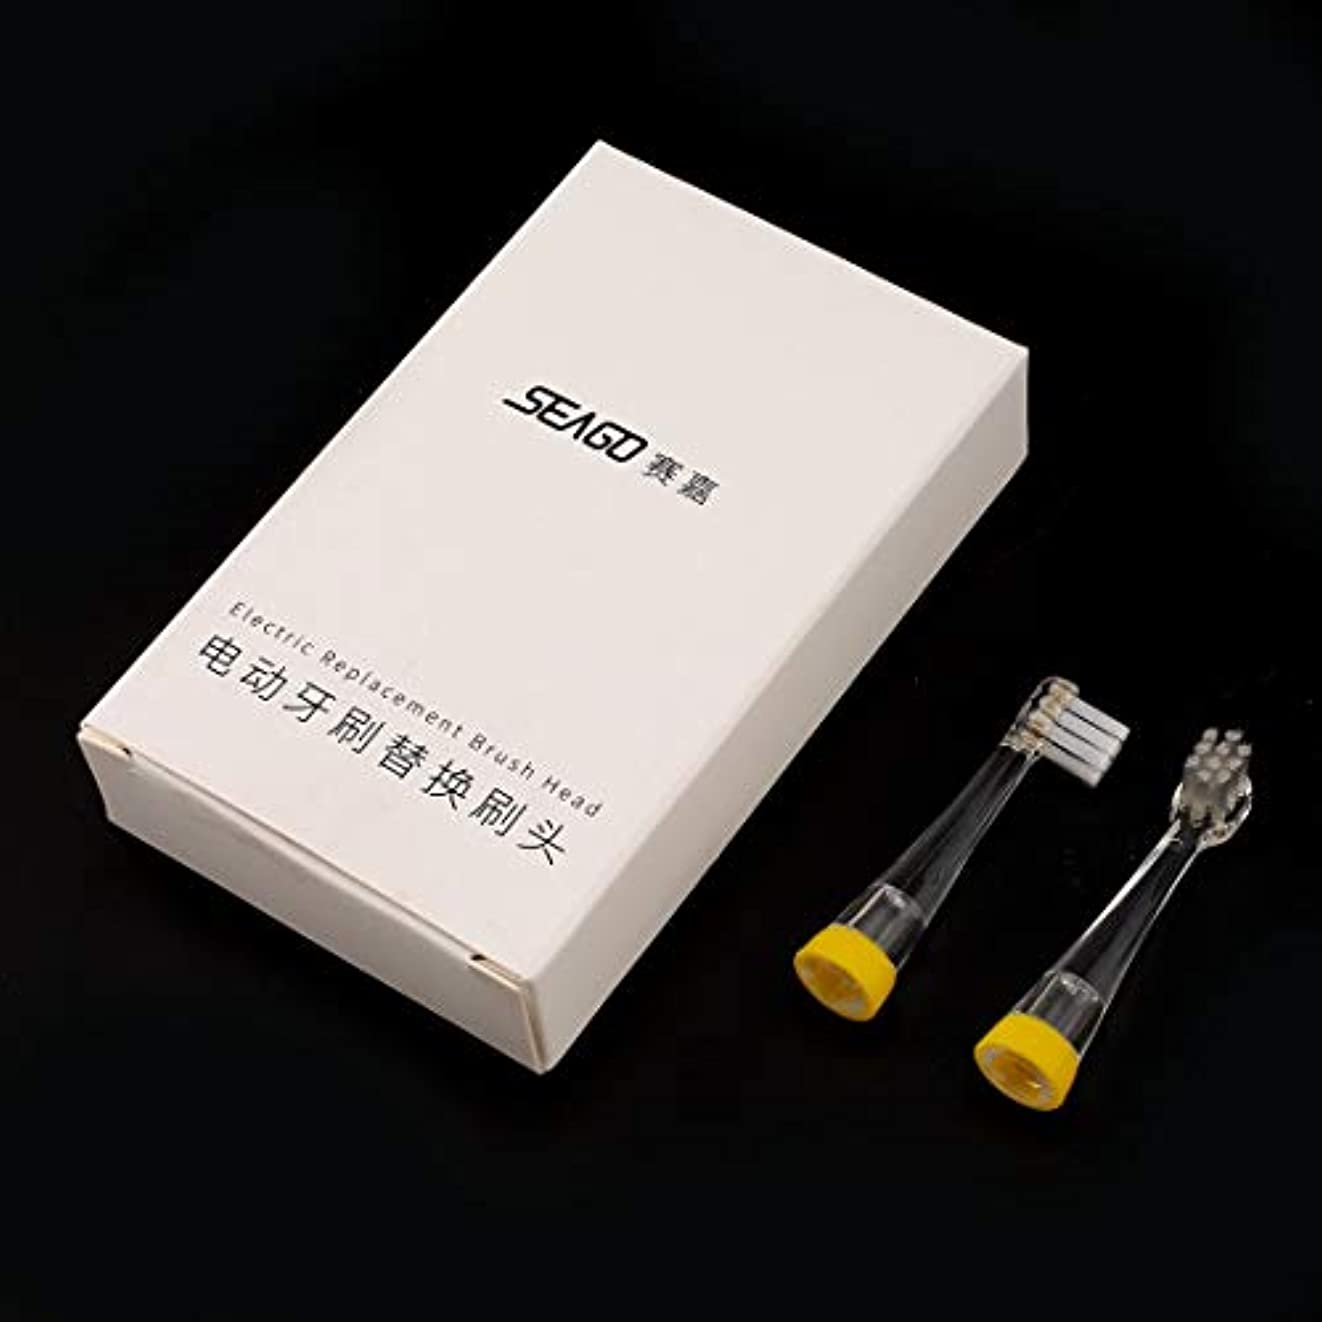 モードドキドキオッズSeago SG-811子供用電動歯ブラシソフトデュポンナイロン毛用2個ポータブル電動交換ブラシヘッド (PandaWelly)